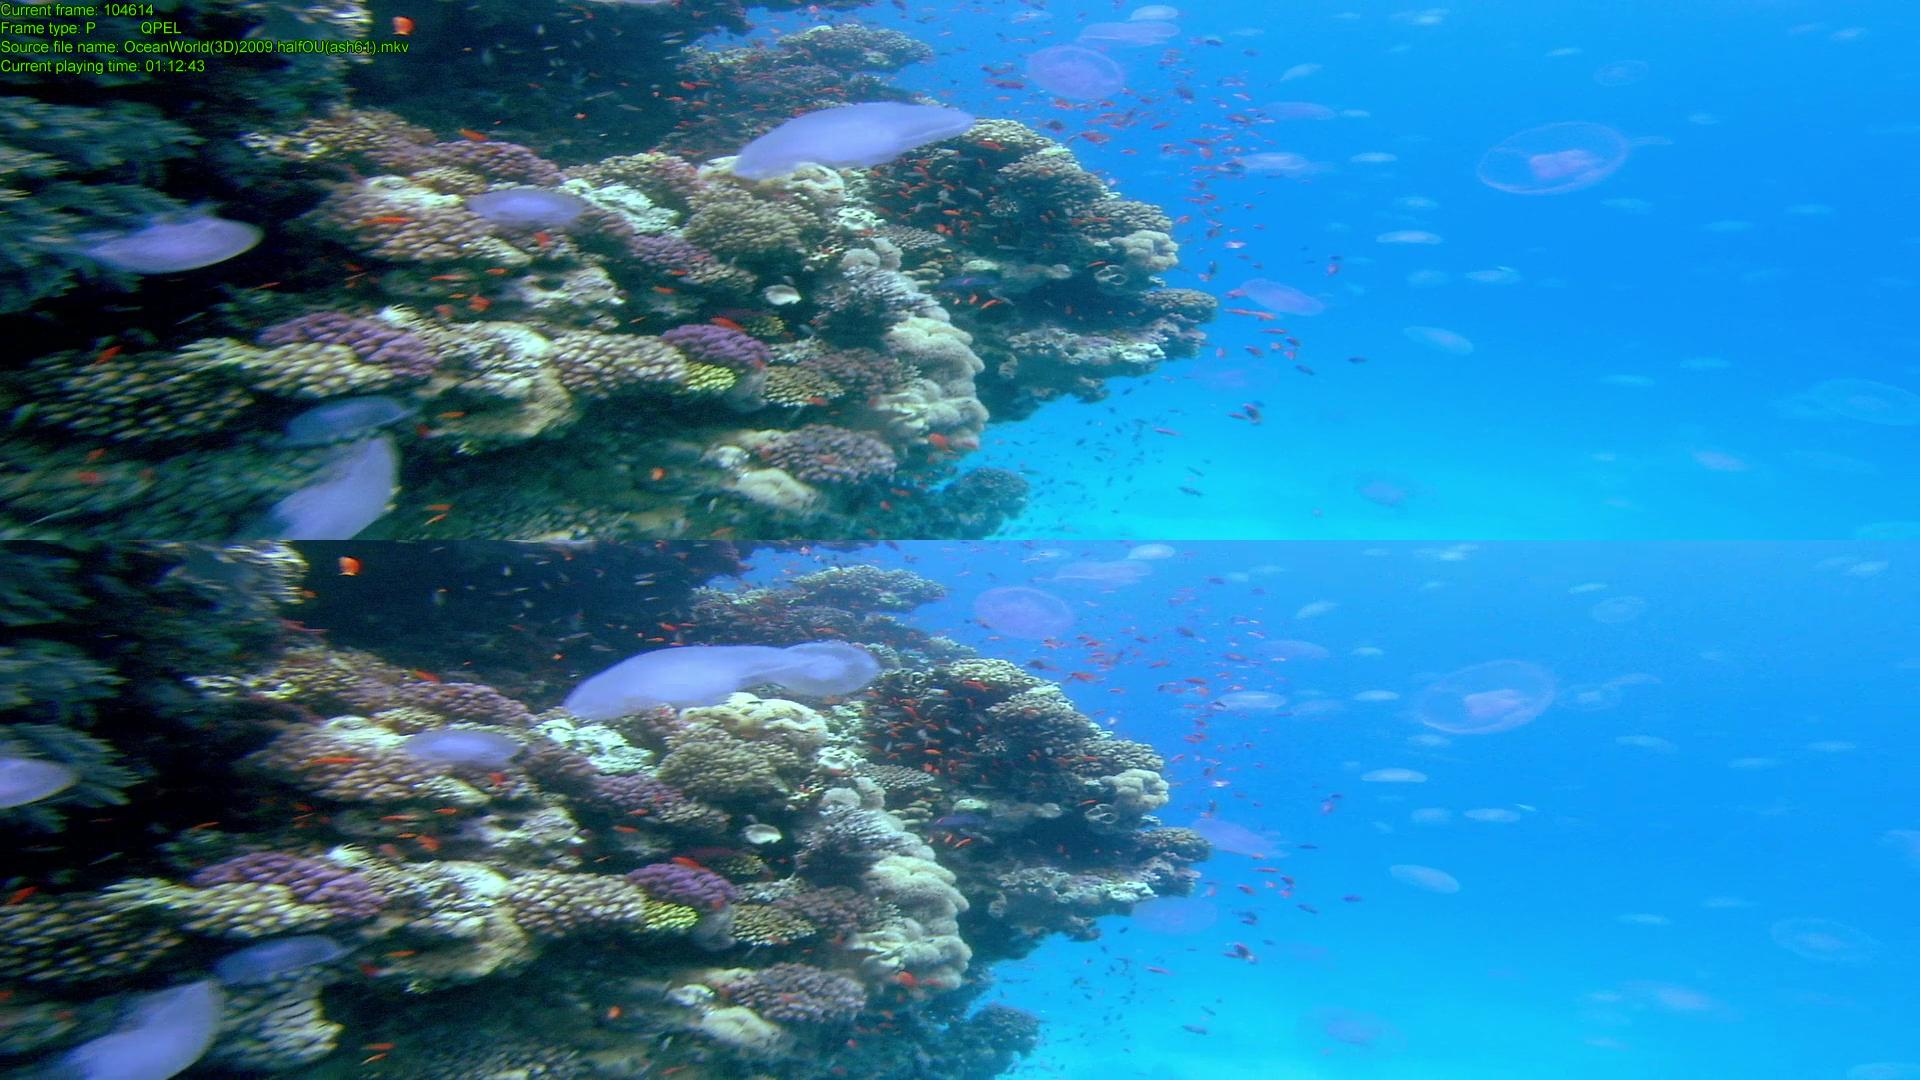 OceanWorld-14.png